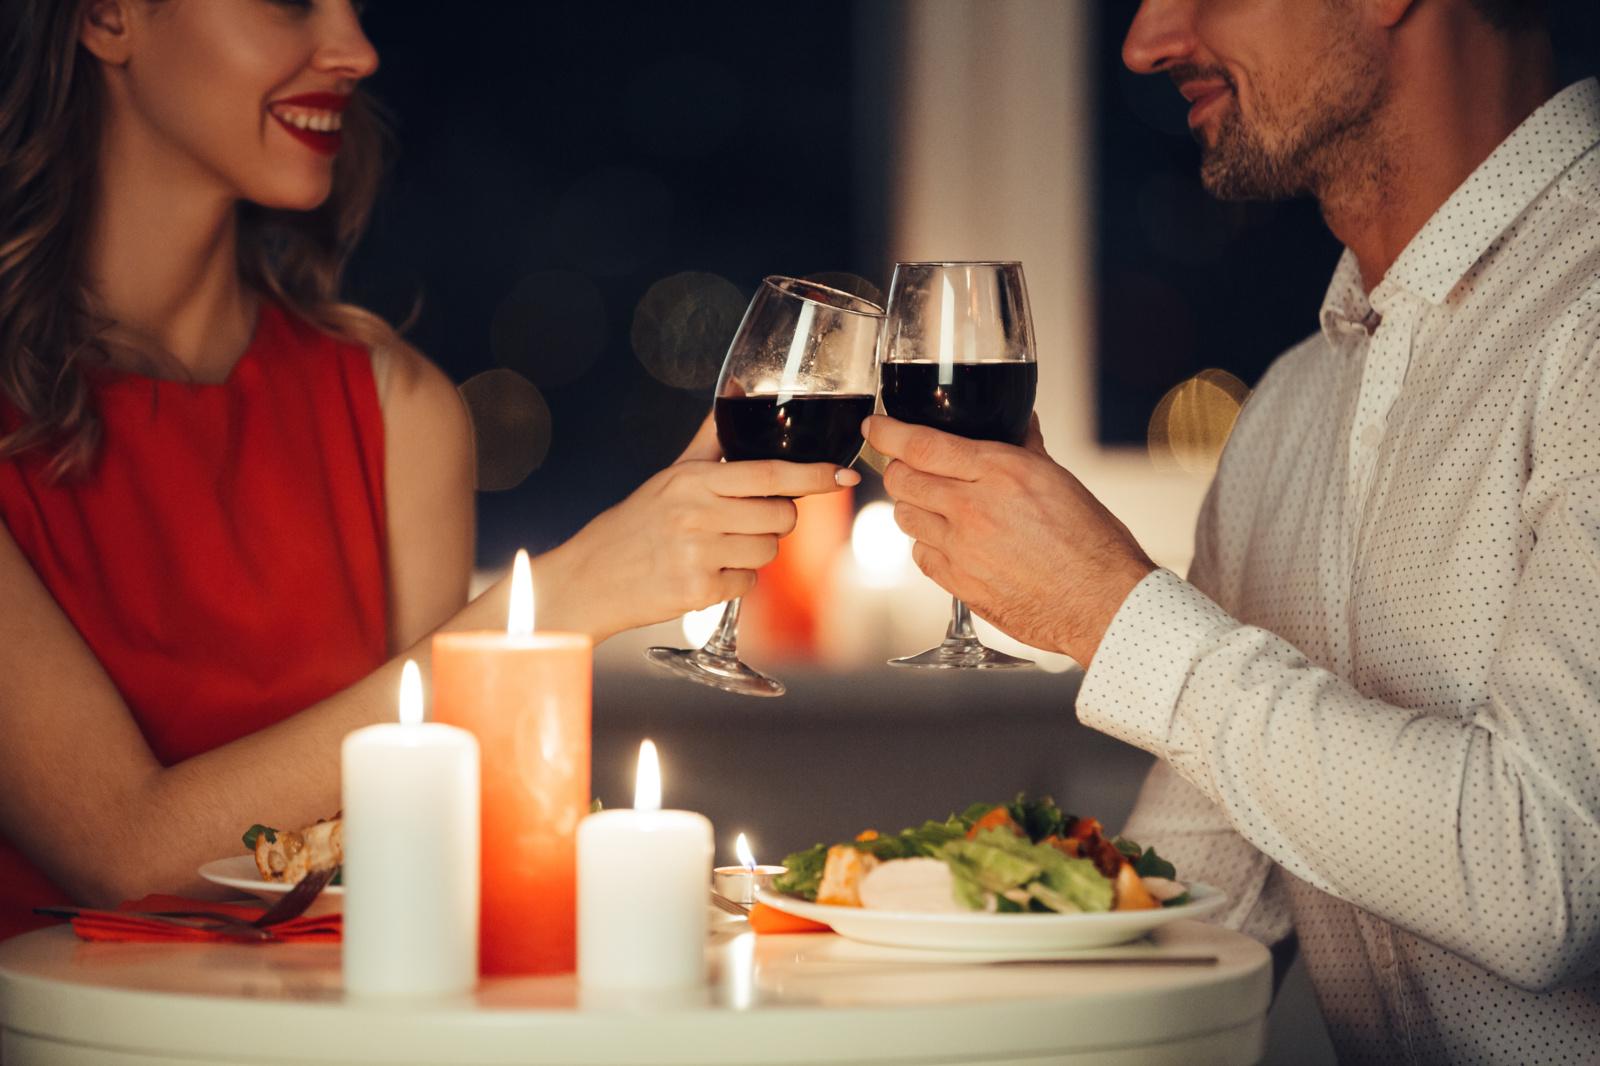 Moterys atkreipia vyrų dėmesį: per Valentino dieną nebūtina išlaidauti